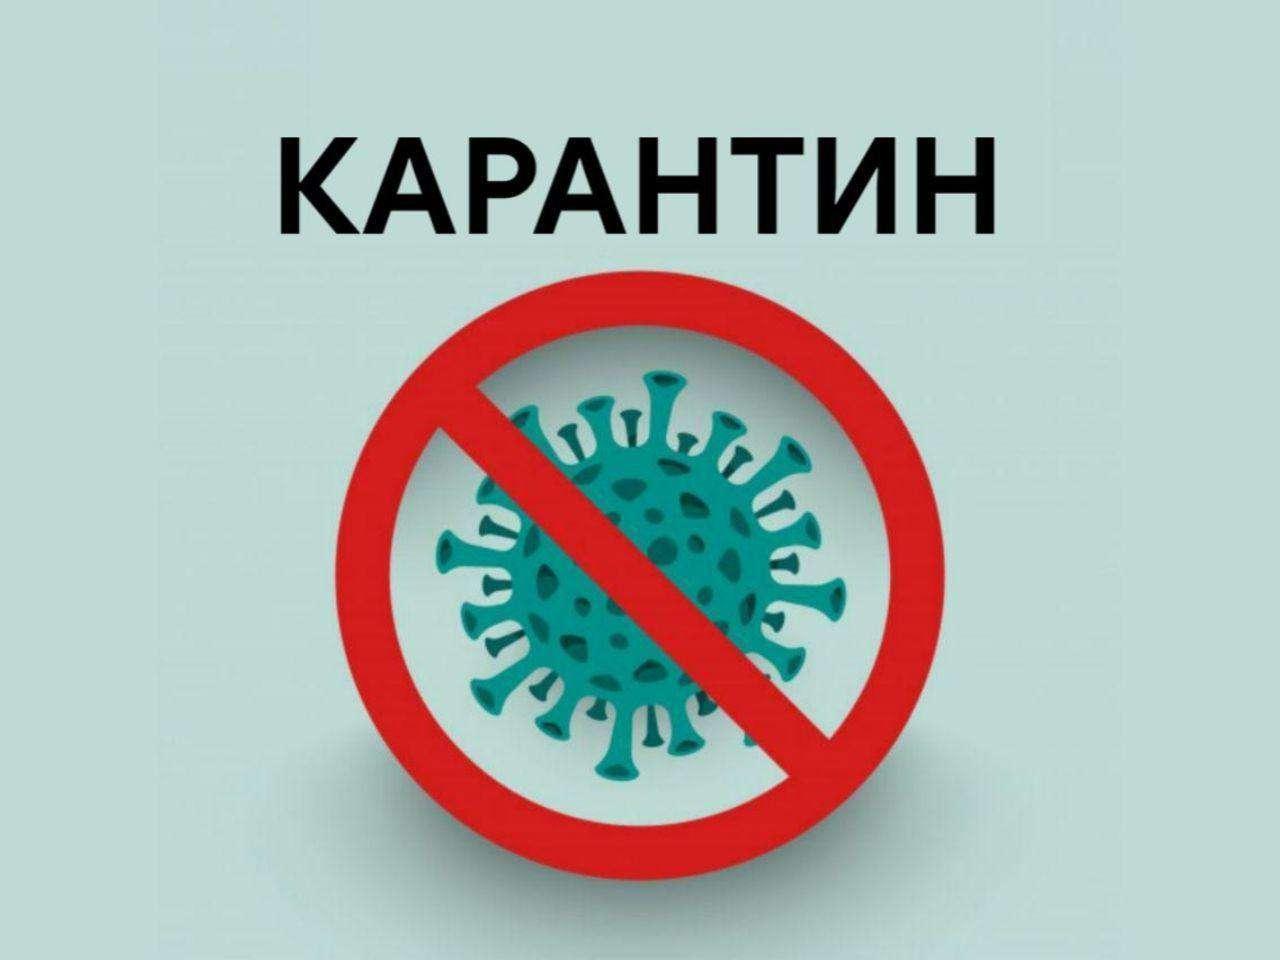 Когда в России начнется вакцинация от коронавируса